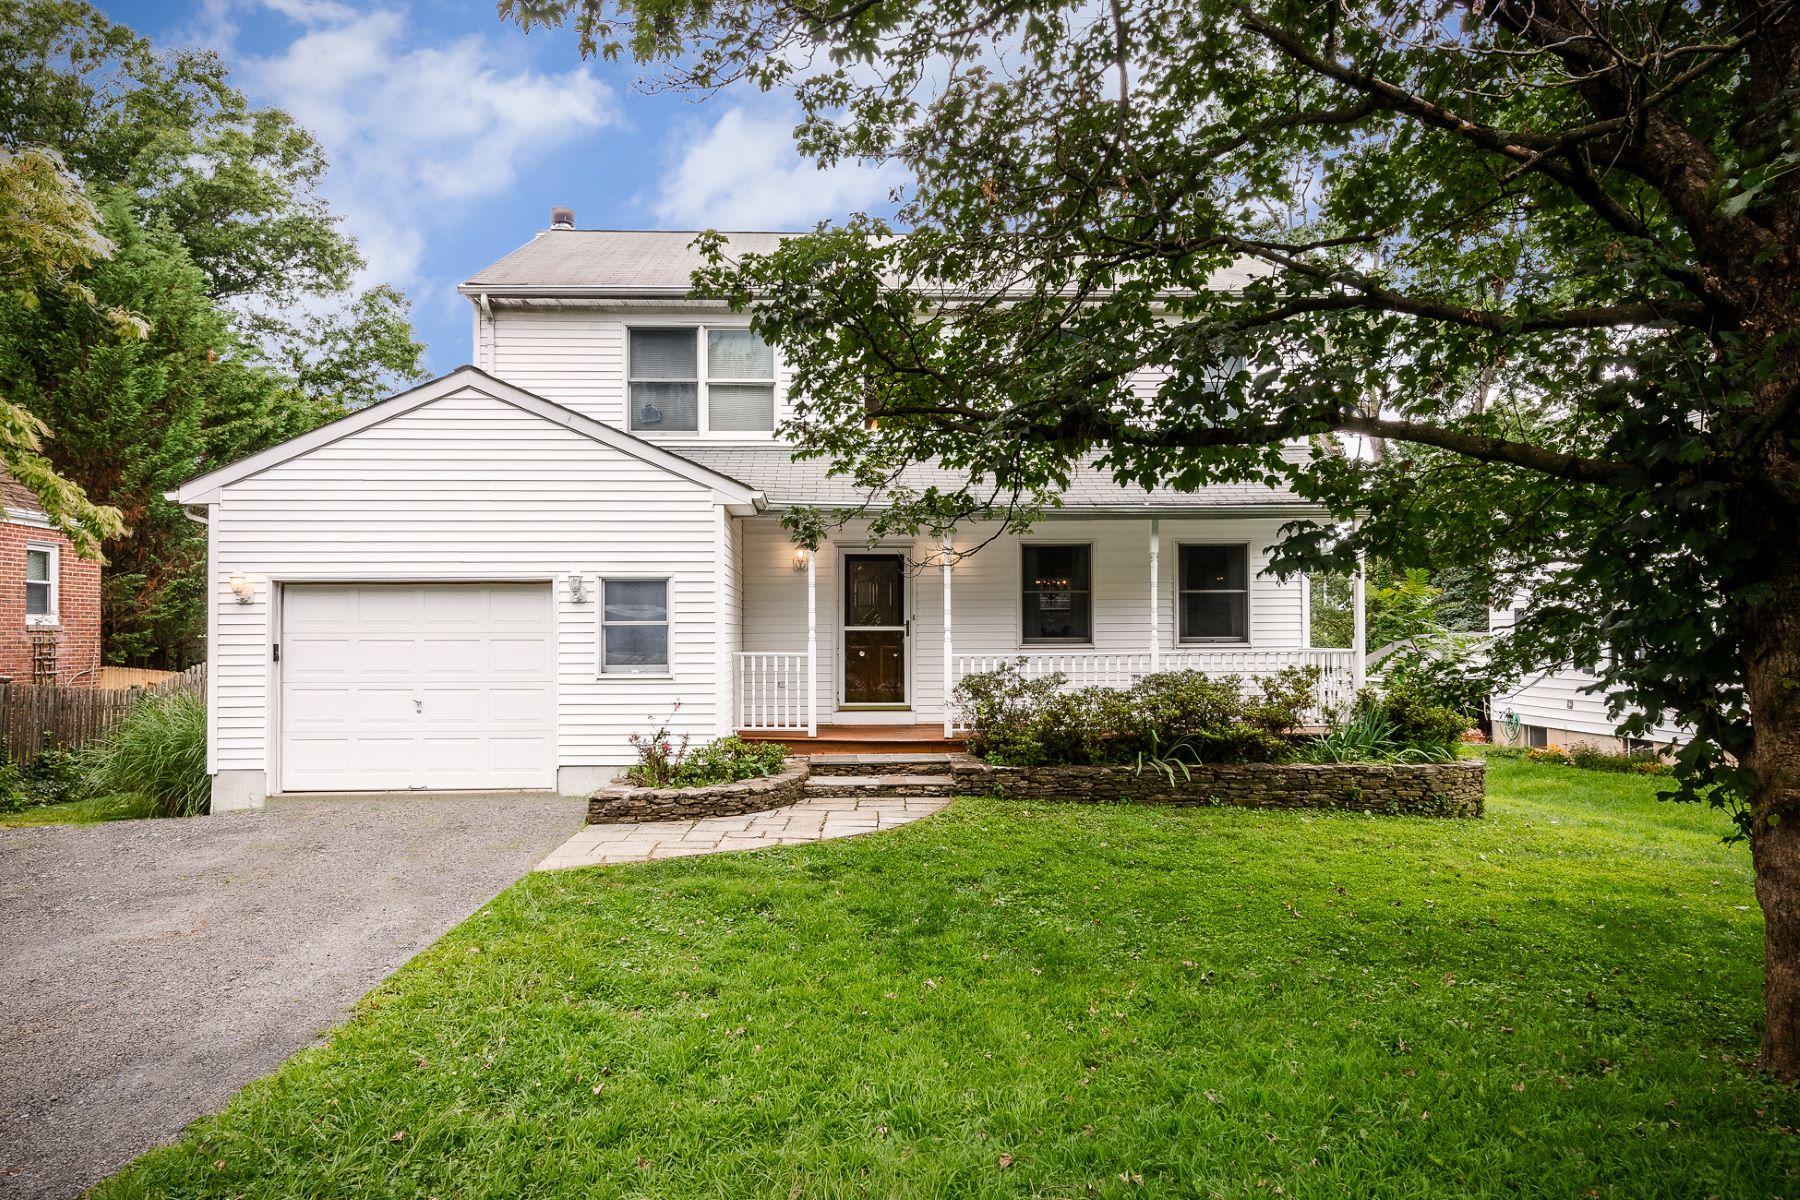 Property por un Venta en A Commuter's Dream 12 Scott Avenue, West Windsor, Nueva Jersey 08550 Estados Unidos